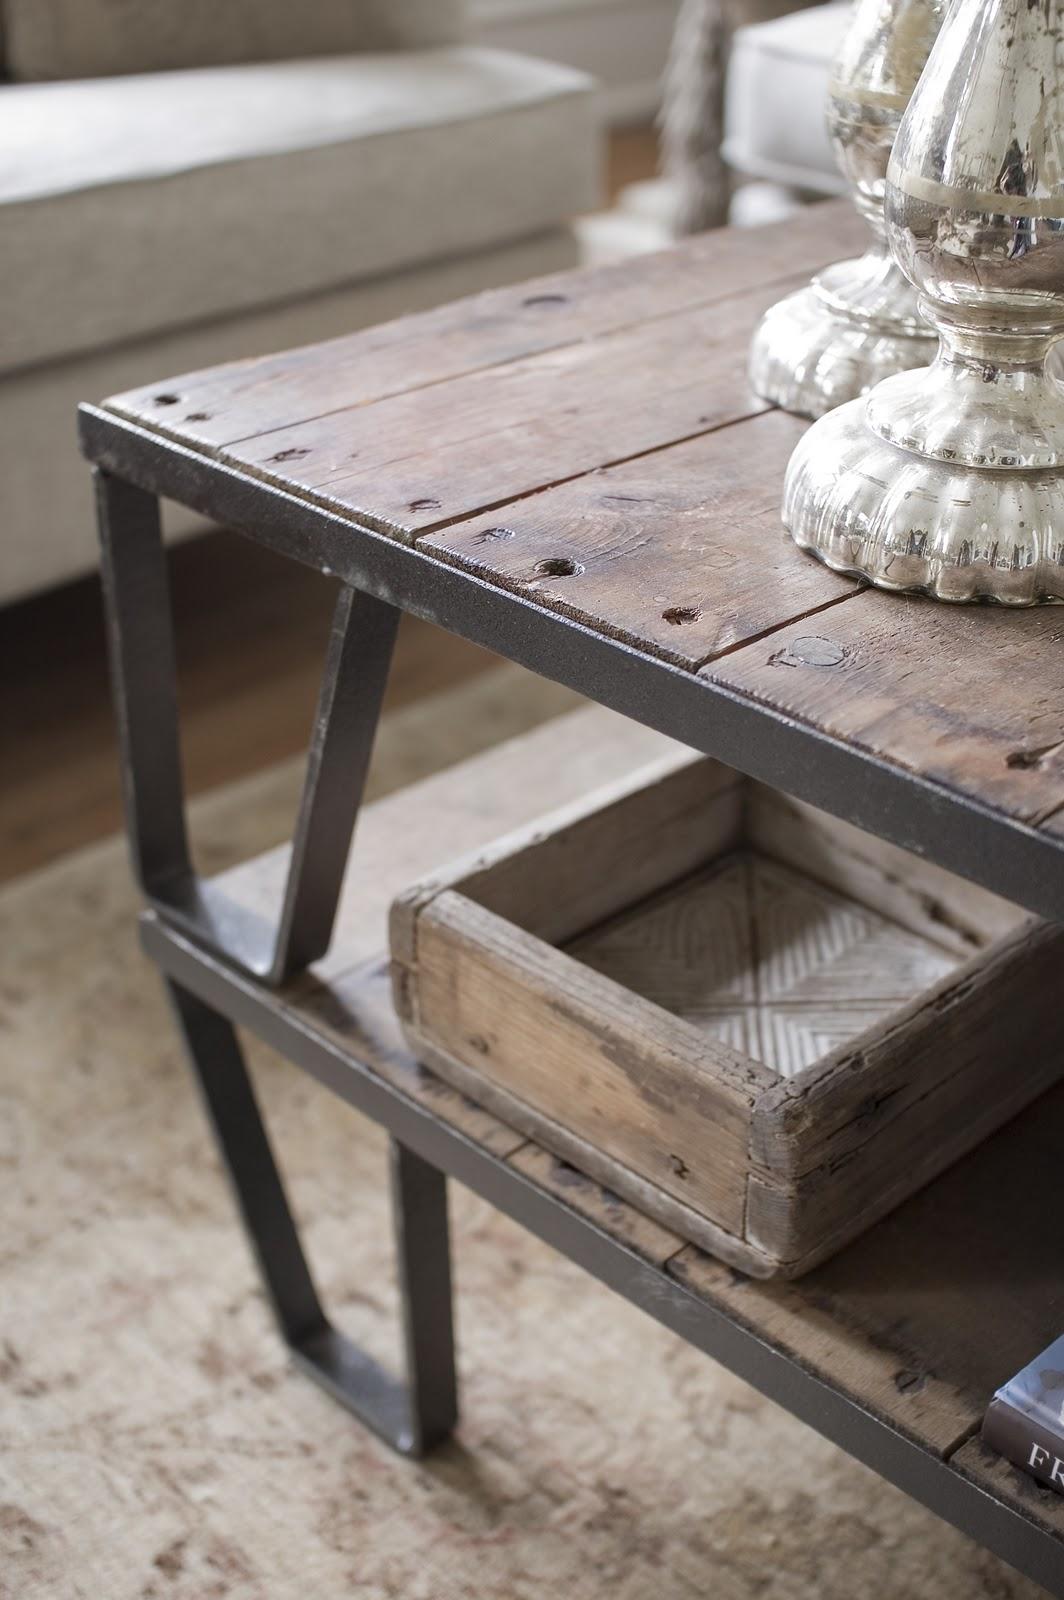 Sofabord Fransk Landstil: Dk ronstrand smalt spisebord.